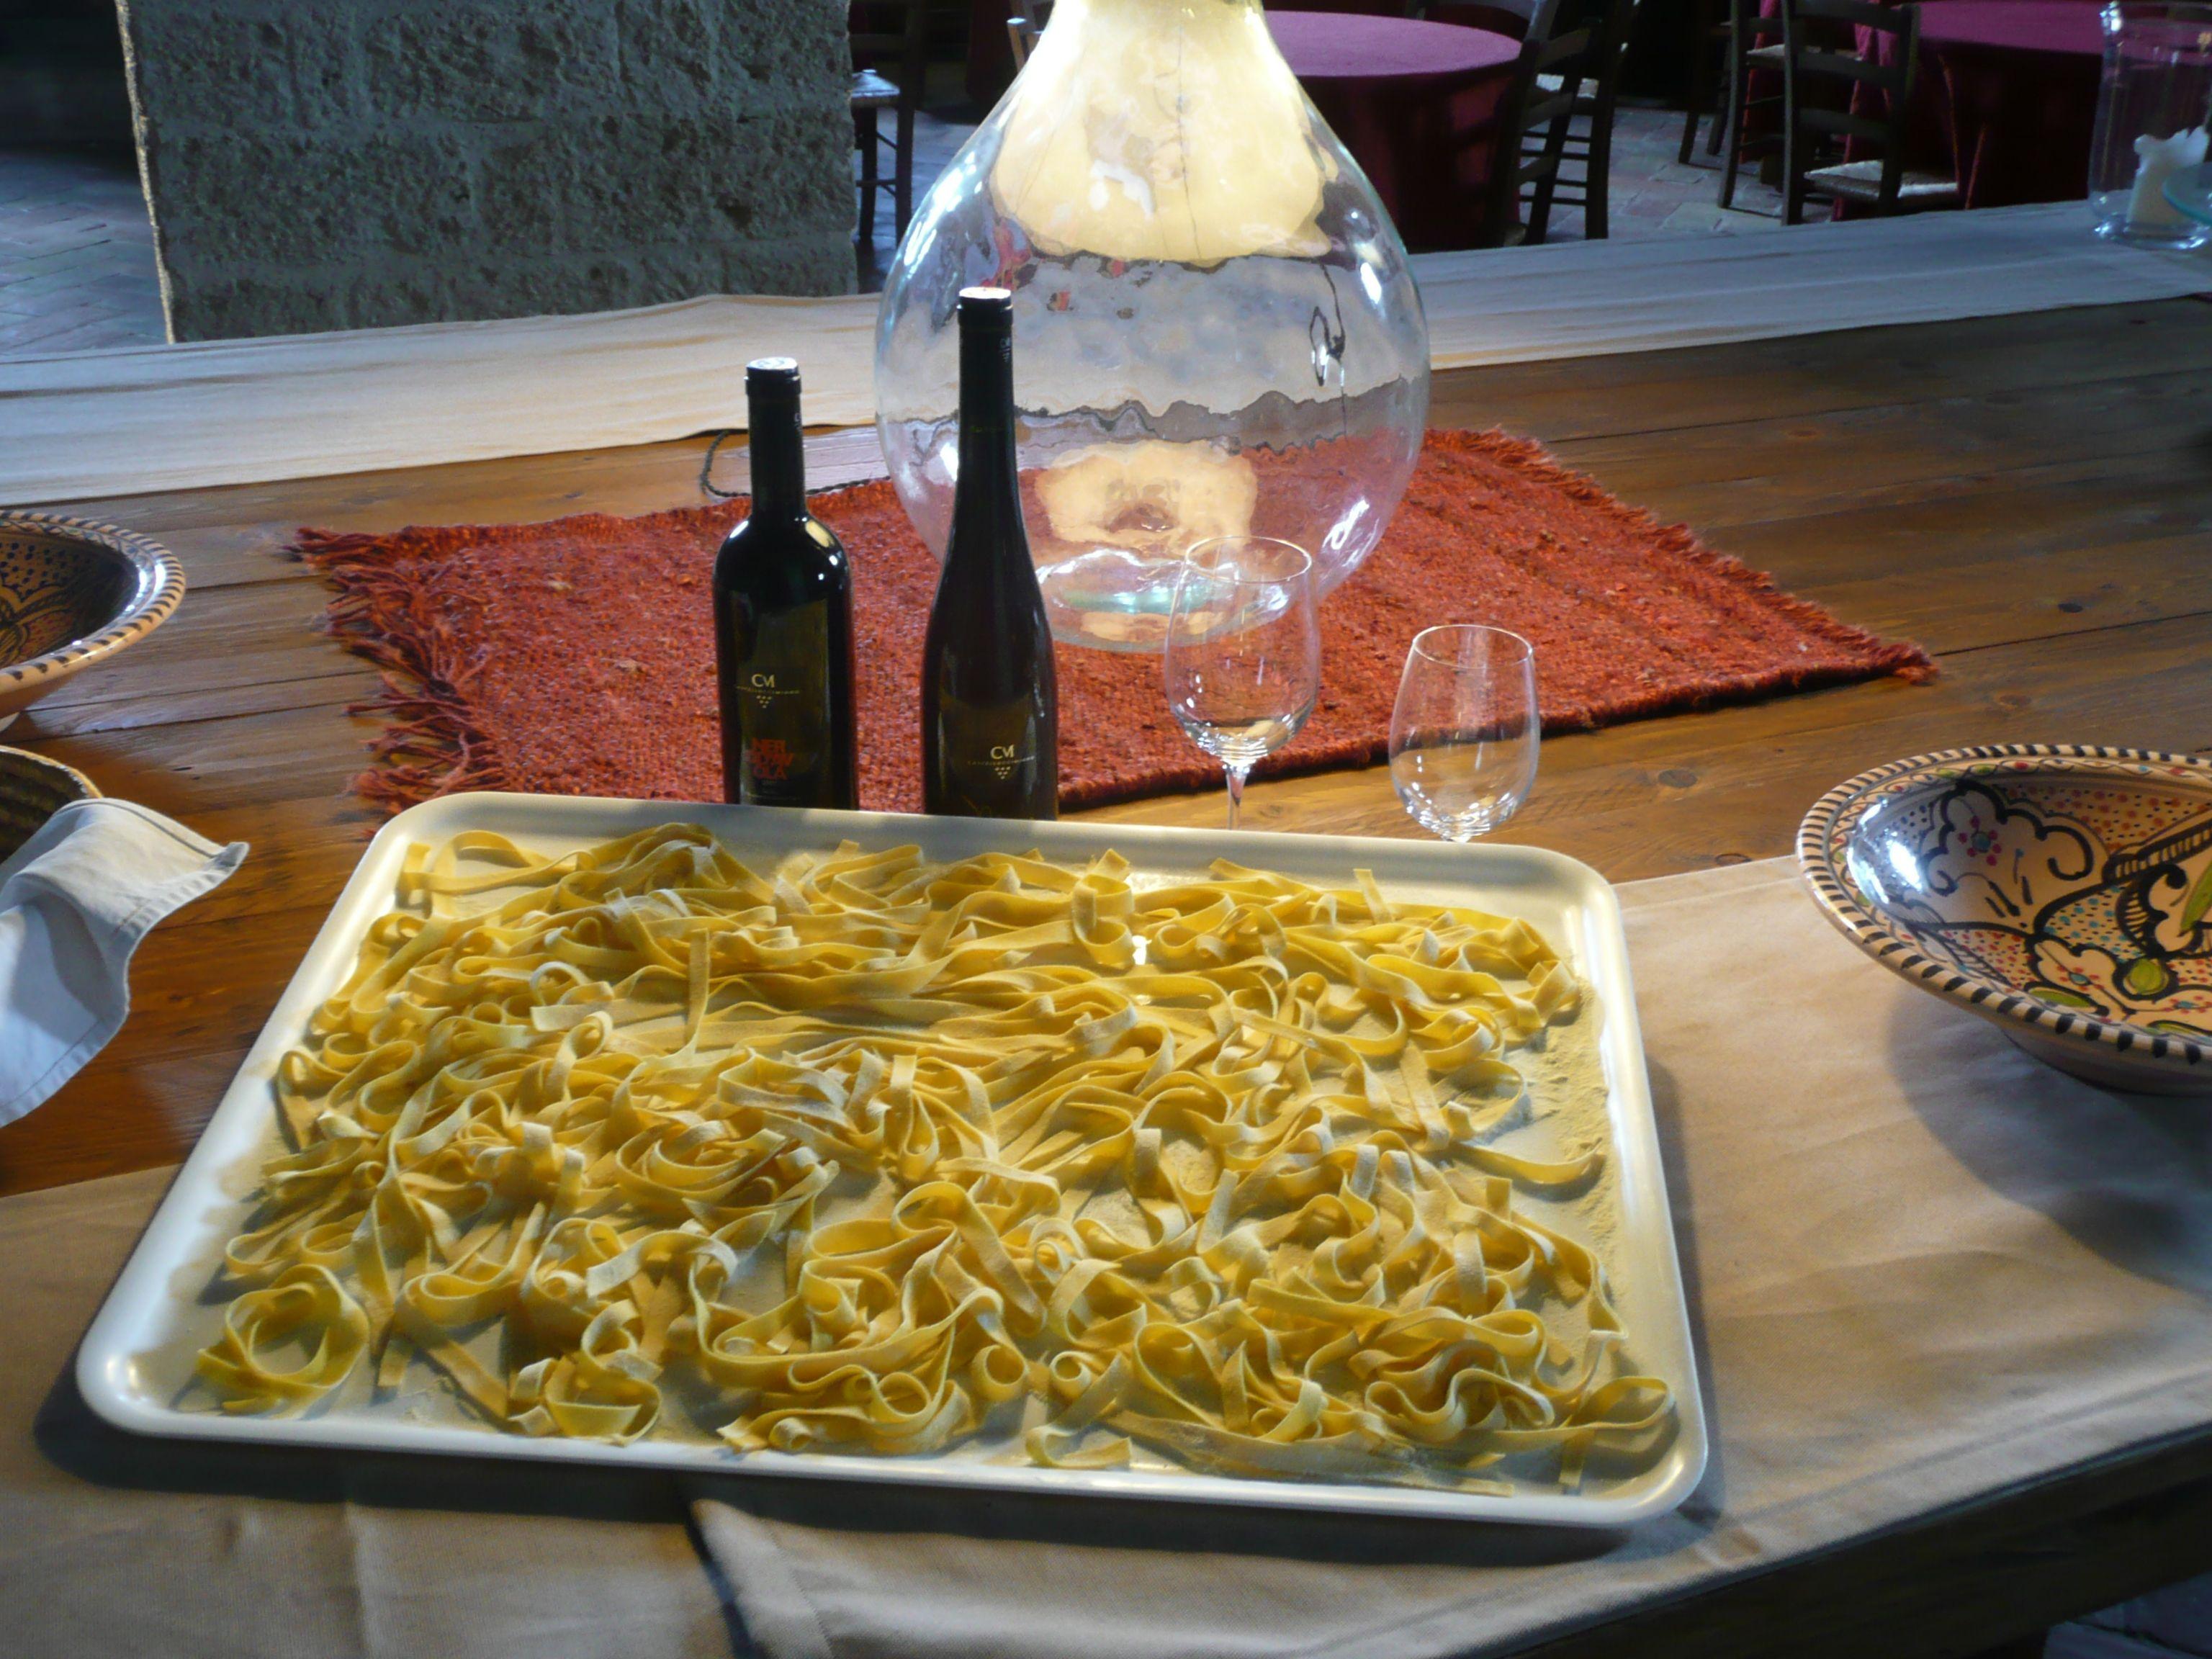 Un Charmant Restaurant Installe Dans L Ancien Grenier Aux Arcs Voutes Une Cuisine Raffinee Inspiree Des Pro Gastronomie Italienne Gastronomie Cuisine Raffinee